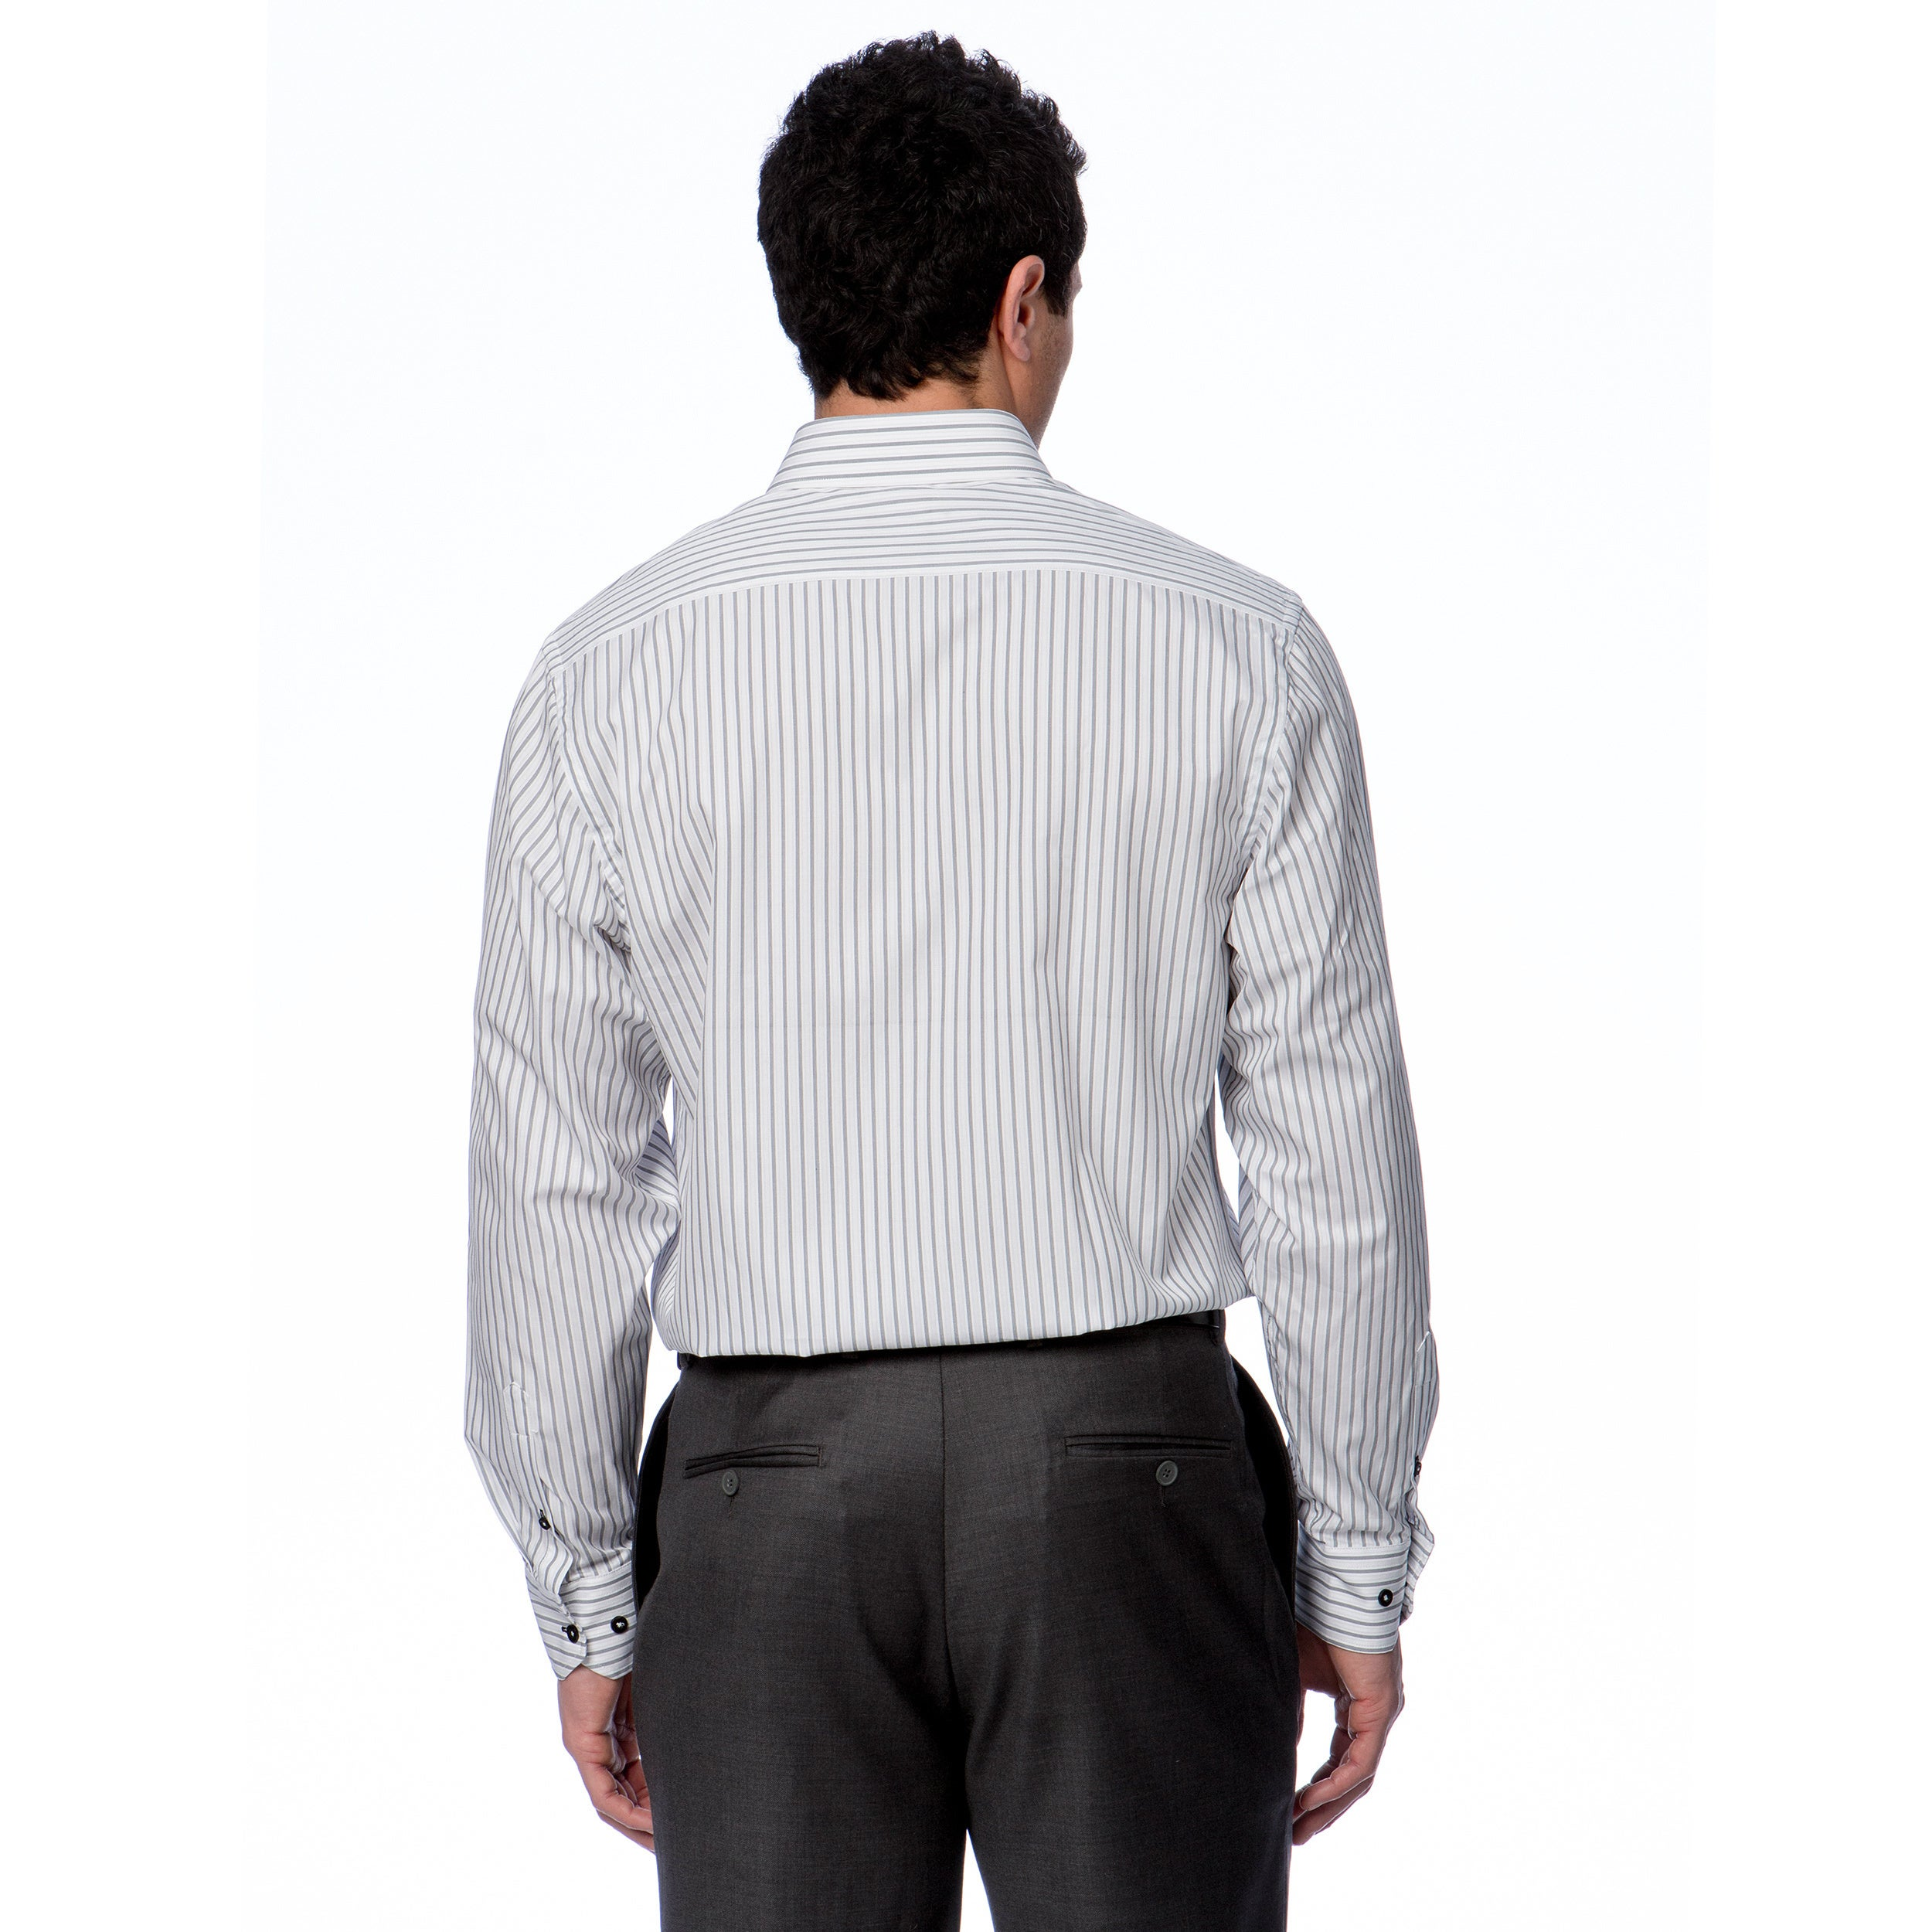 e7ecda9ebb94e4 Mens White Shirt With Floral Collar